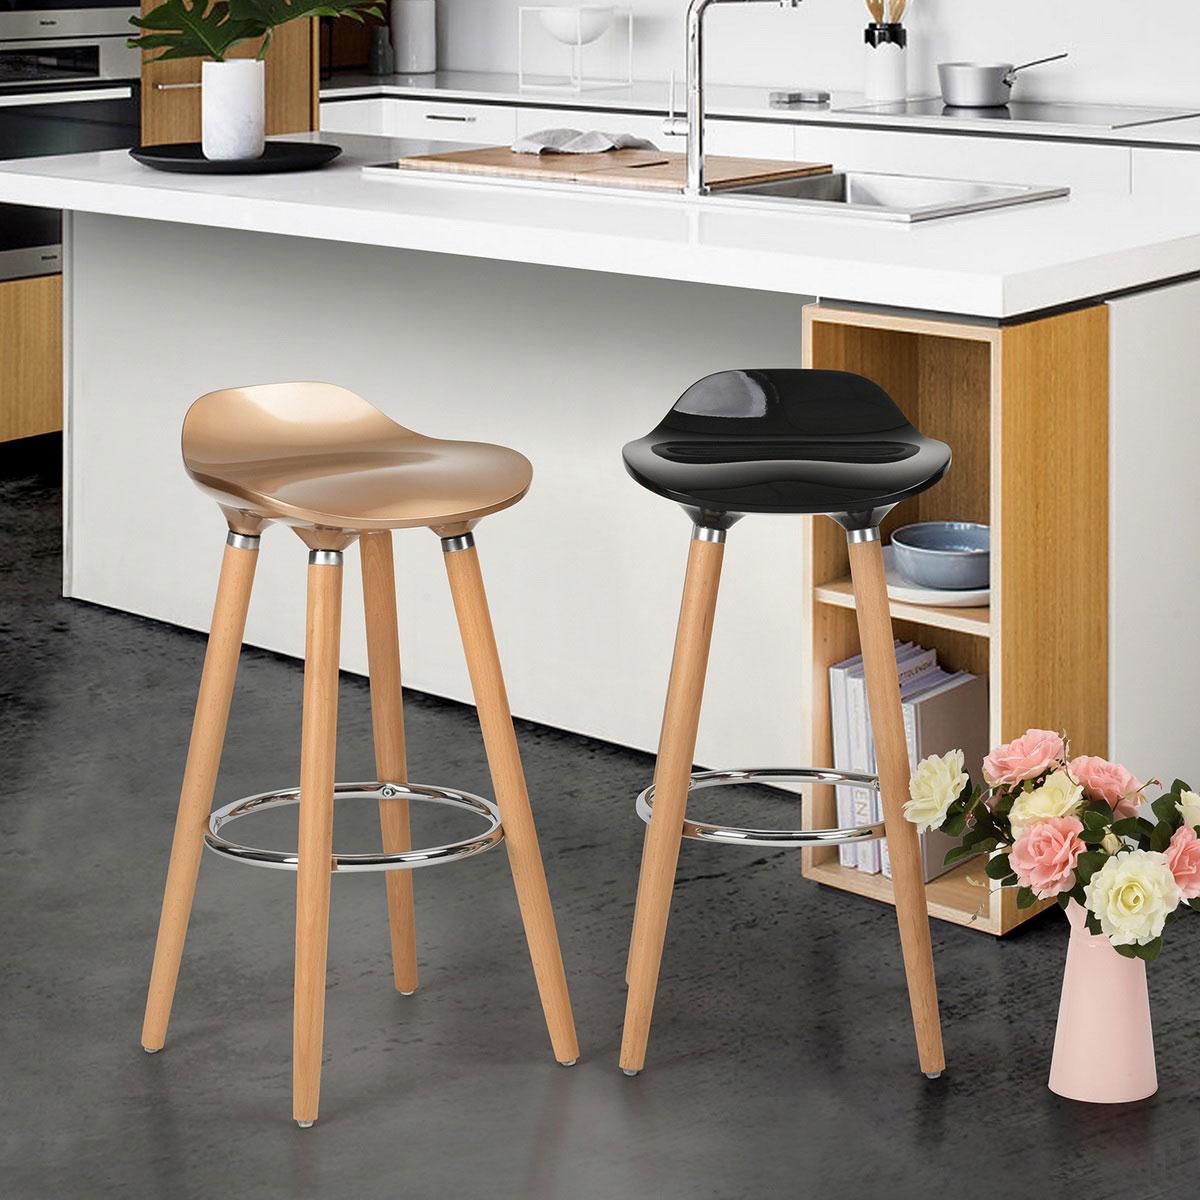 tabouret de bar design bois et abs coloris ch ne noir lot de 2 dalhia matelpro. Black Bedroom Furniture Sets. Home Design Ideas